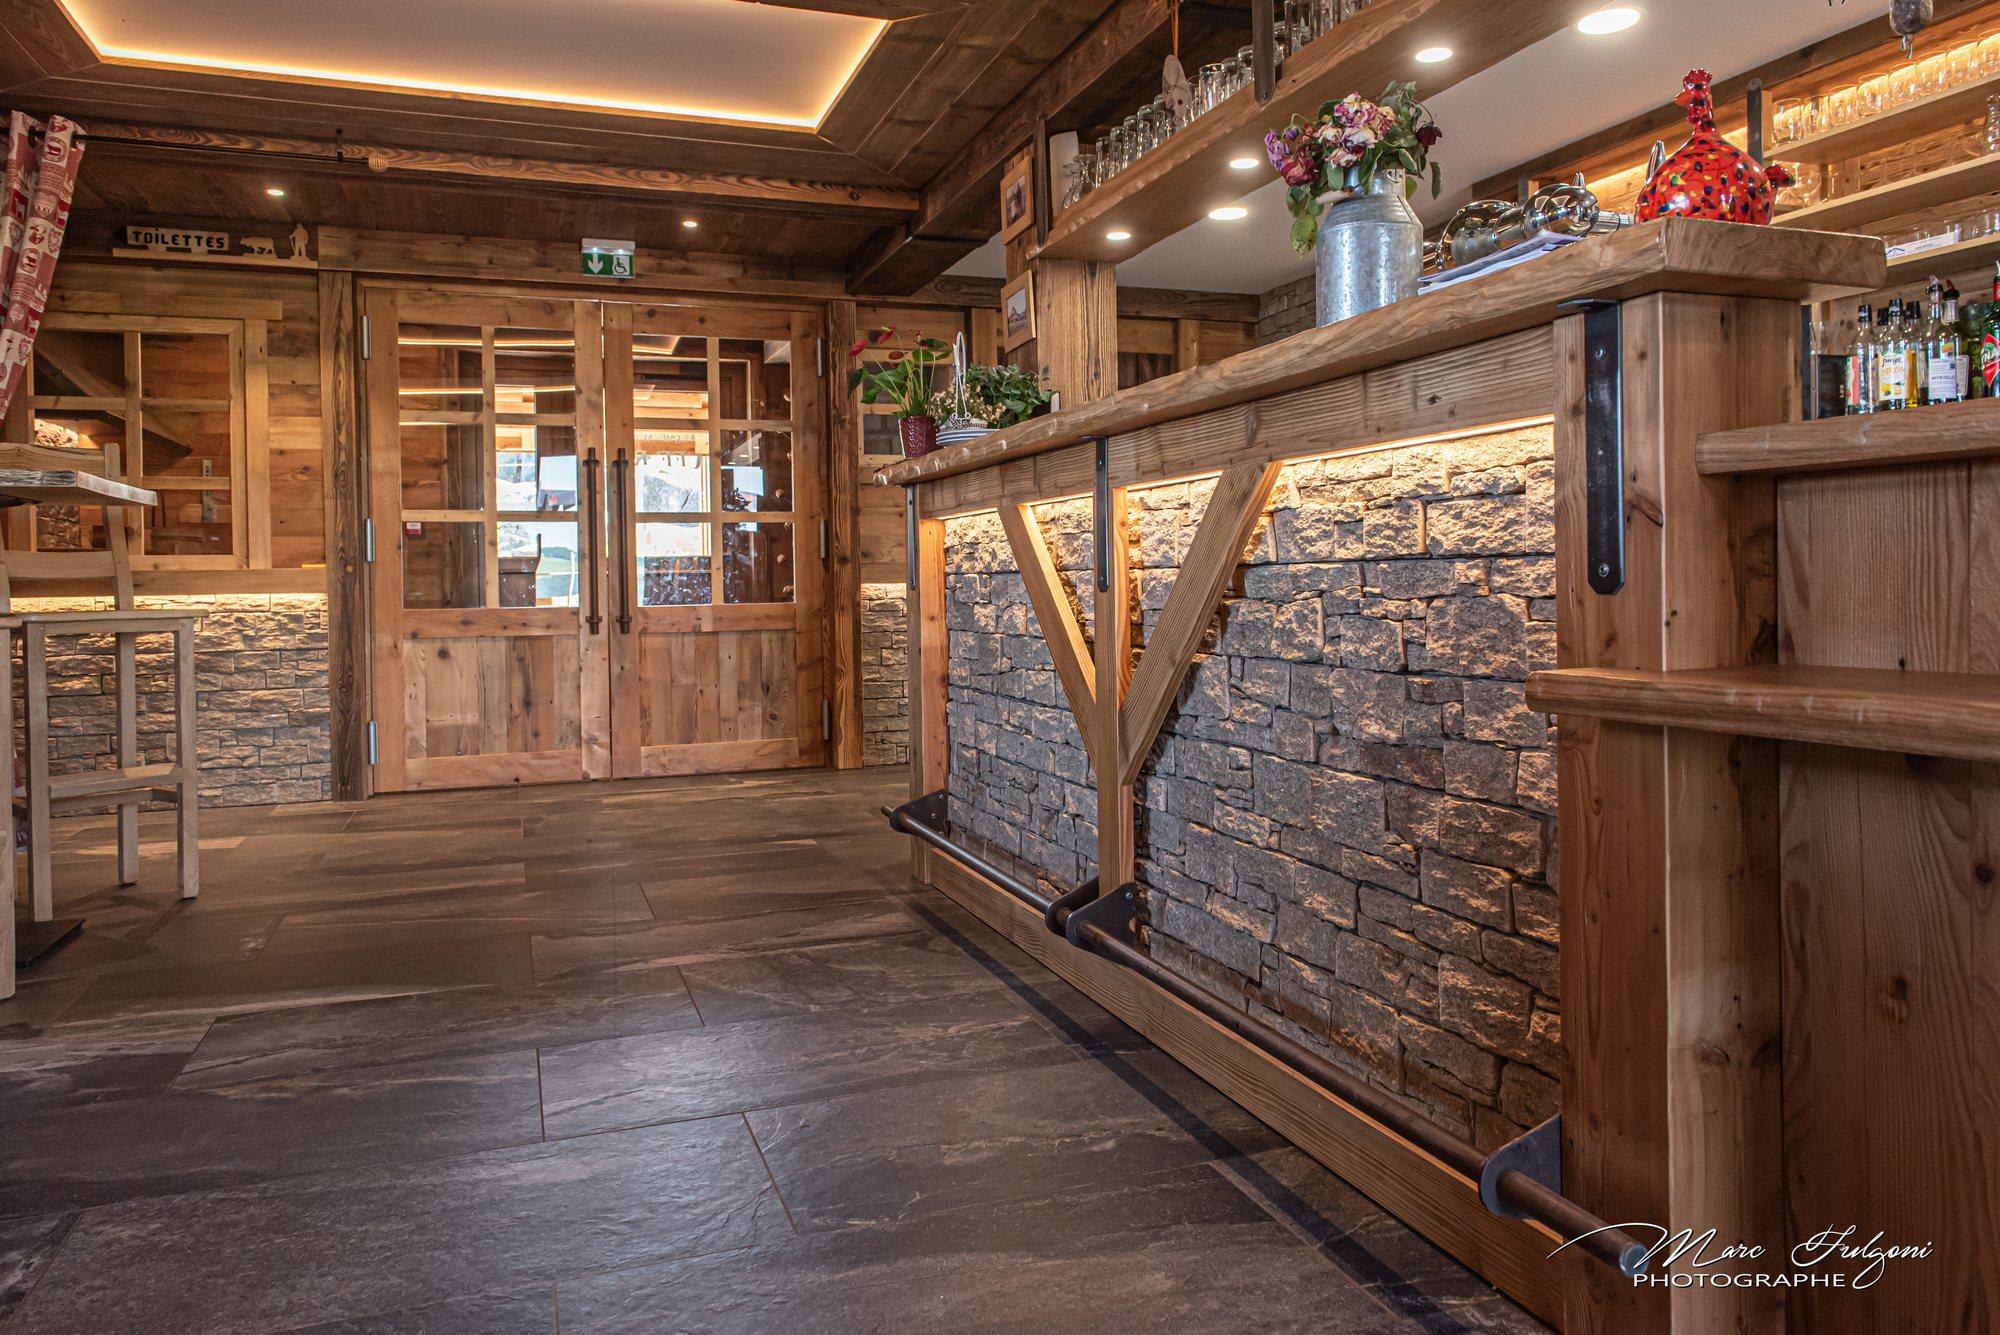 Bar Exterieur En Pierre bar en vieux bois et pierre - menuiserie & agencement gérard